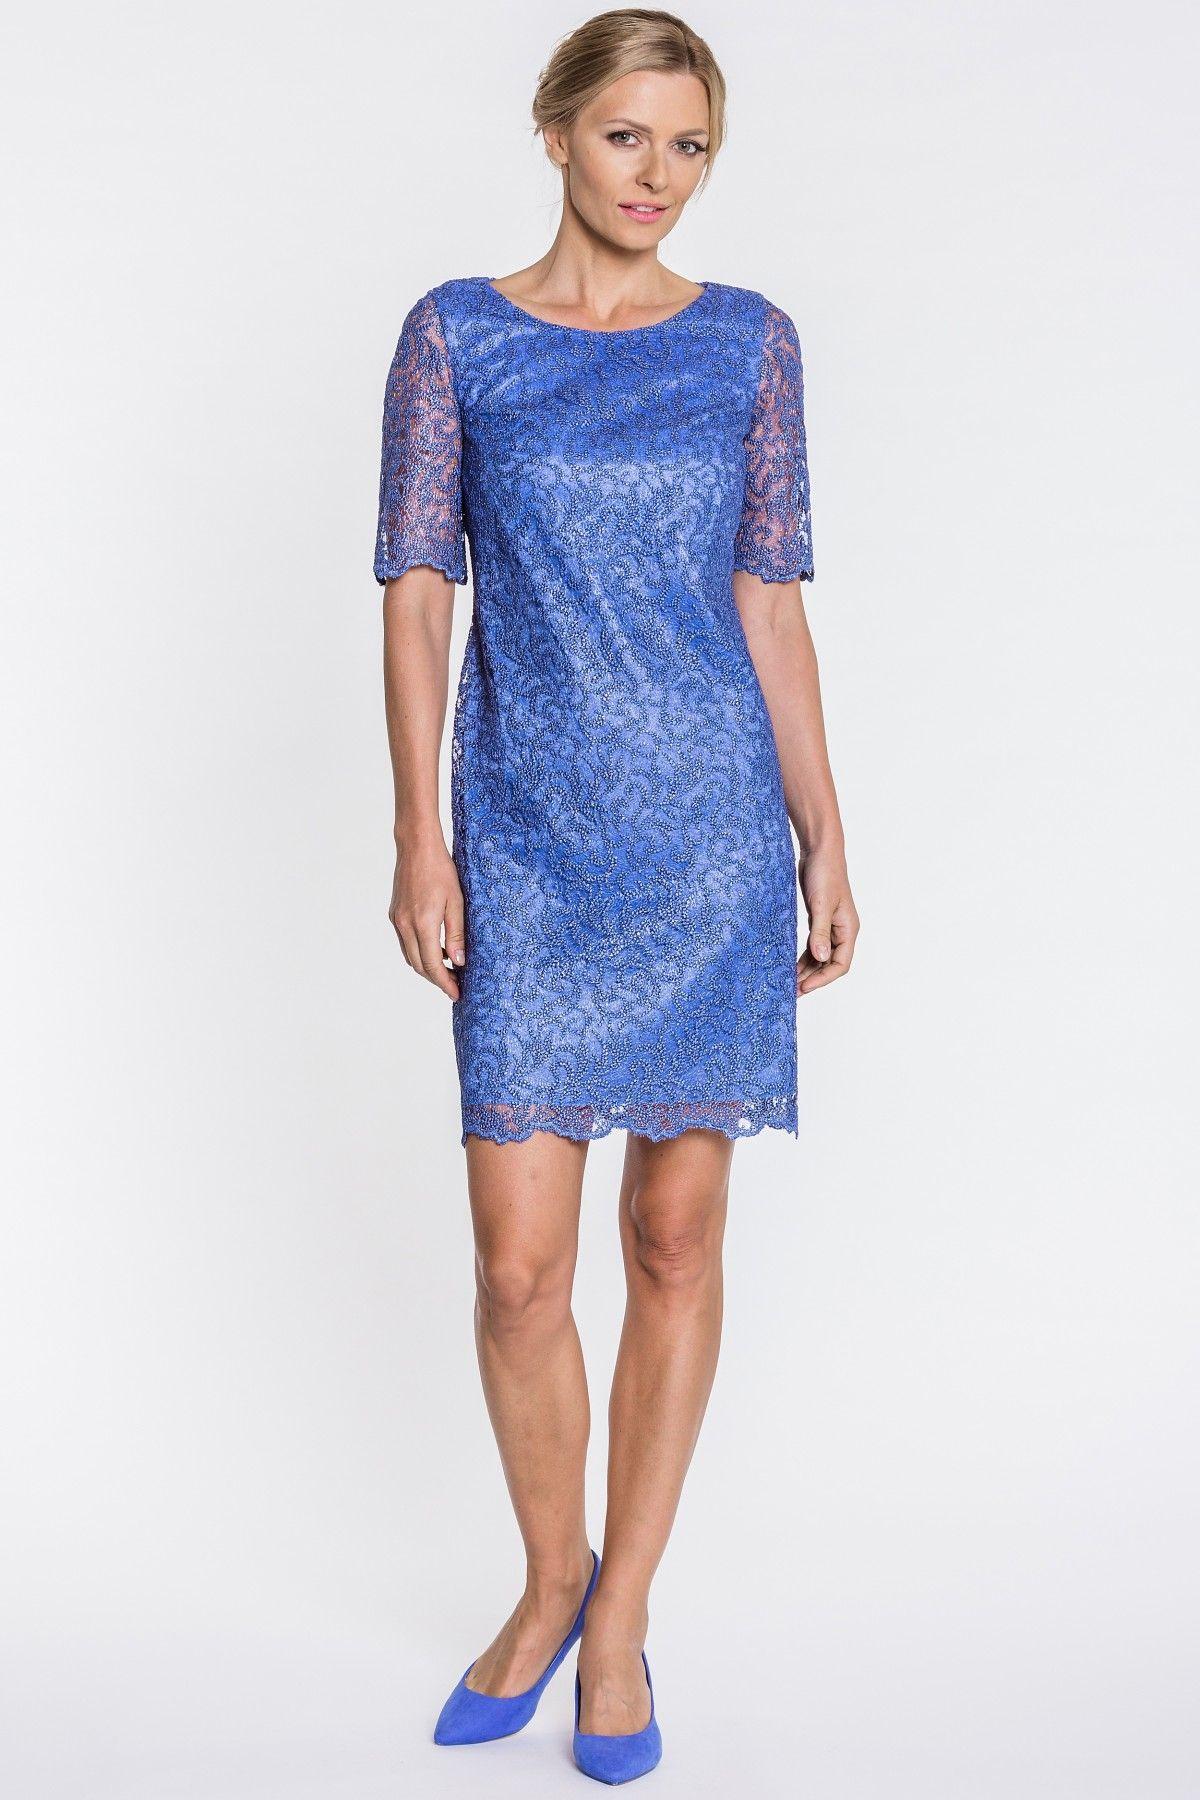 5849563496 Niebieska sukienka z koronki - Vito Vergelis - Odzież damska Balladine.com  - Polska Moda